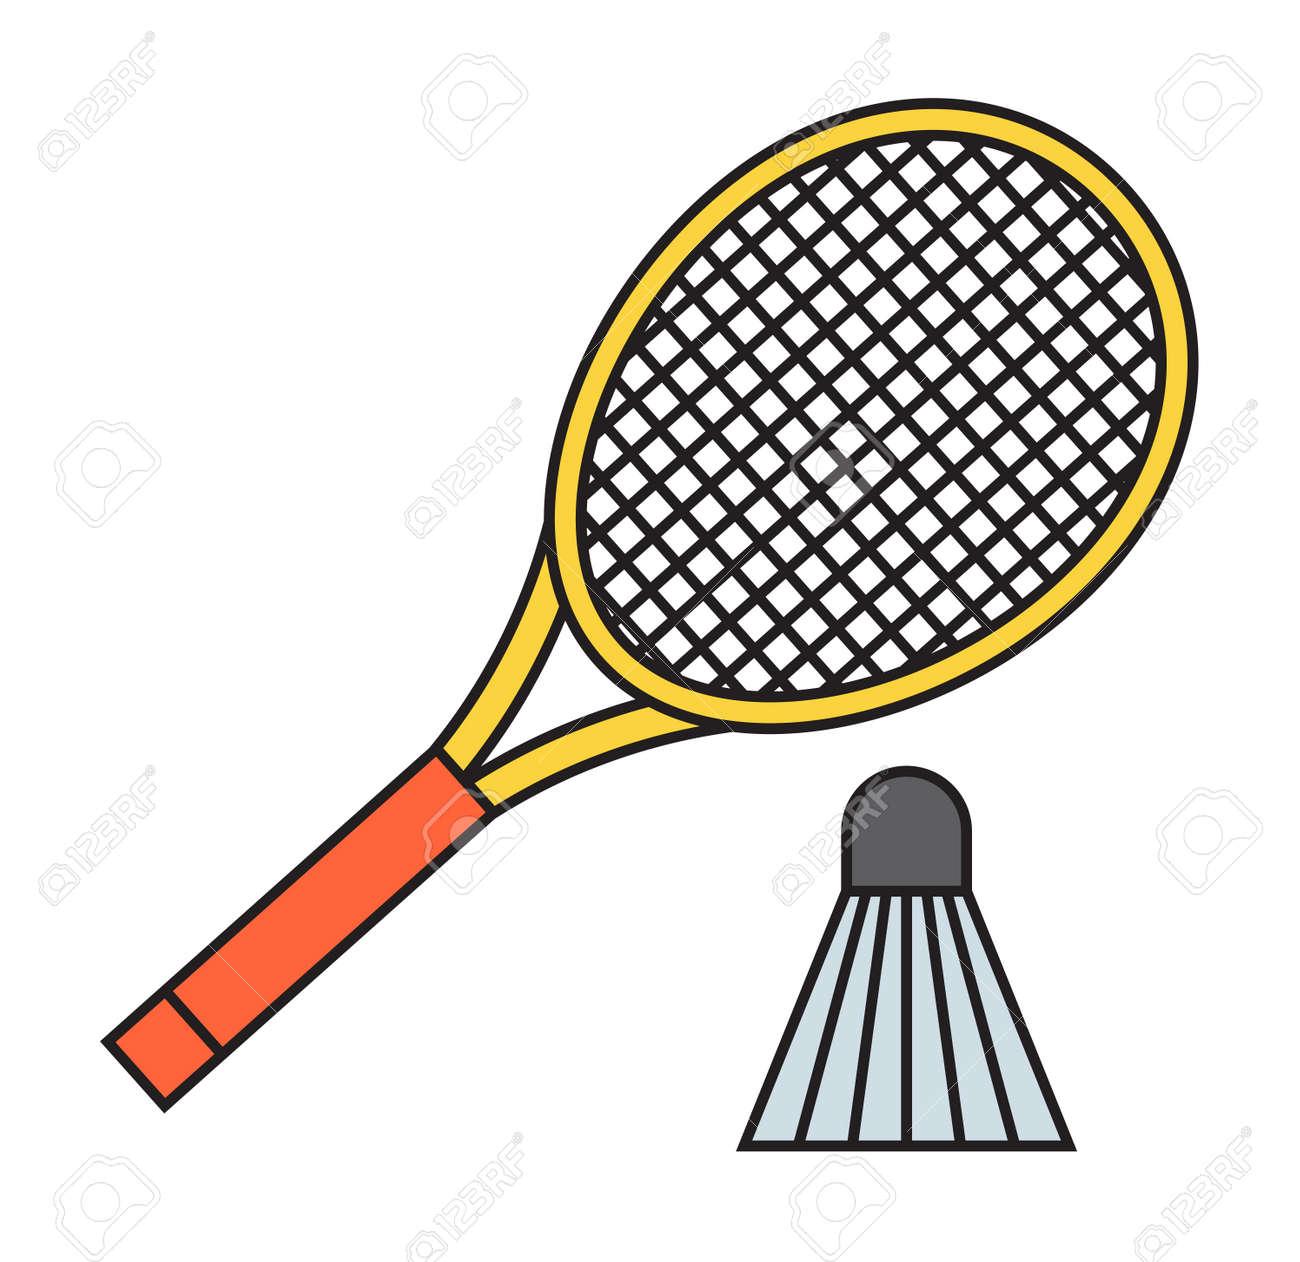 0aa8a2441cd22 Banque d'images - Deux raquette de badminton et le volant jeu de sport  compétition de loisirs vecteur plume de fitness. Action équipement amusant  tribunal ...